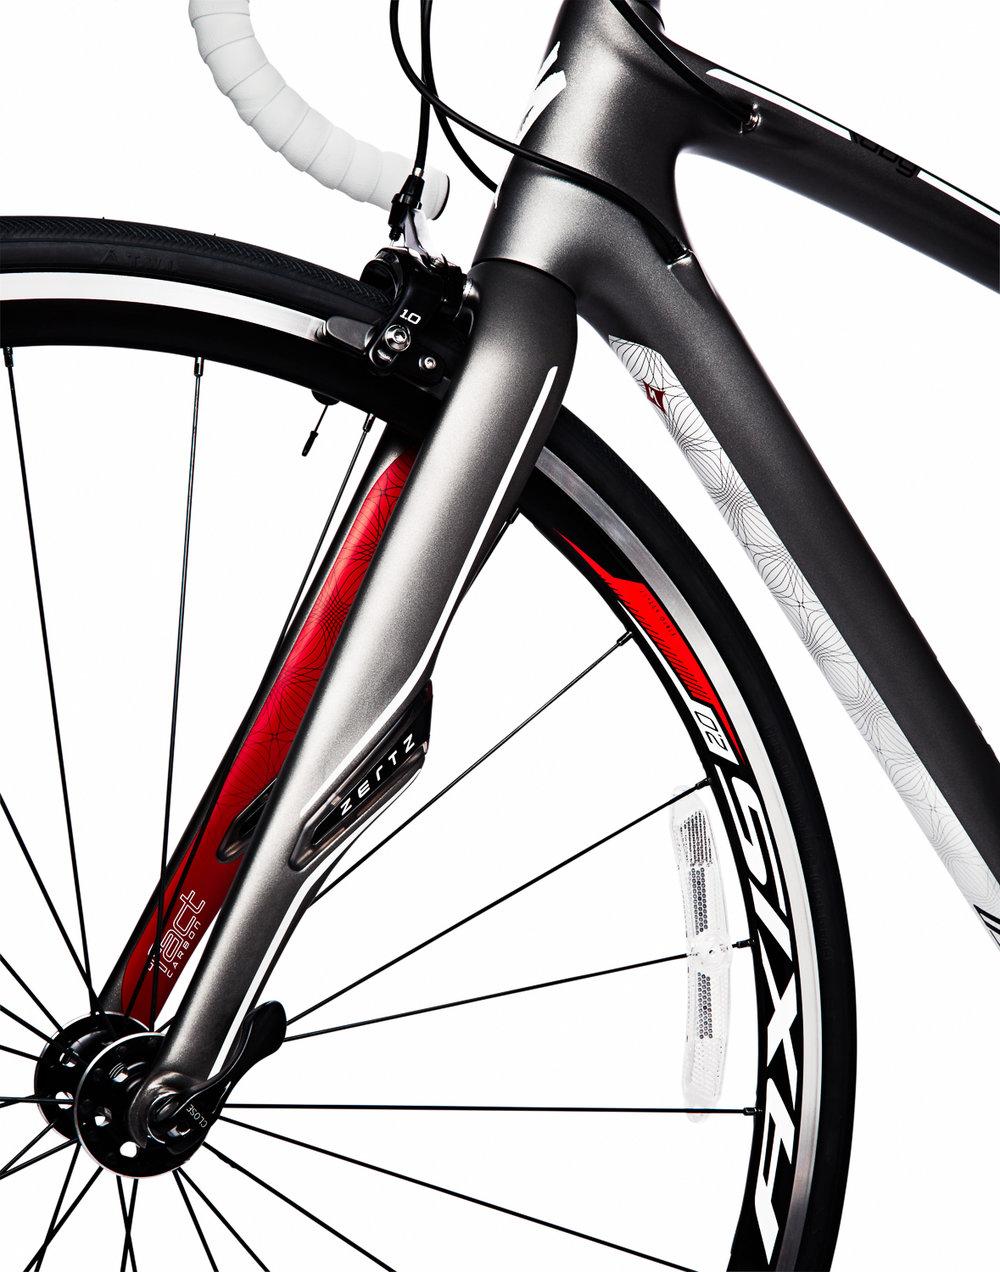 131115 Bikes L04.jpg